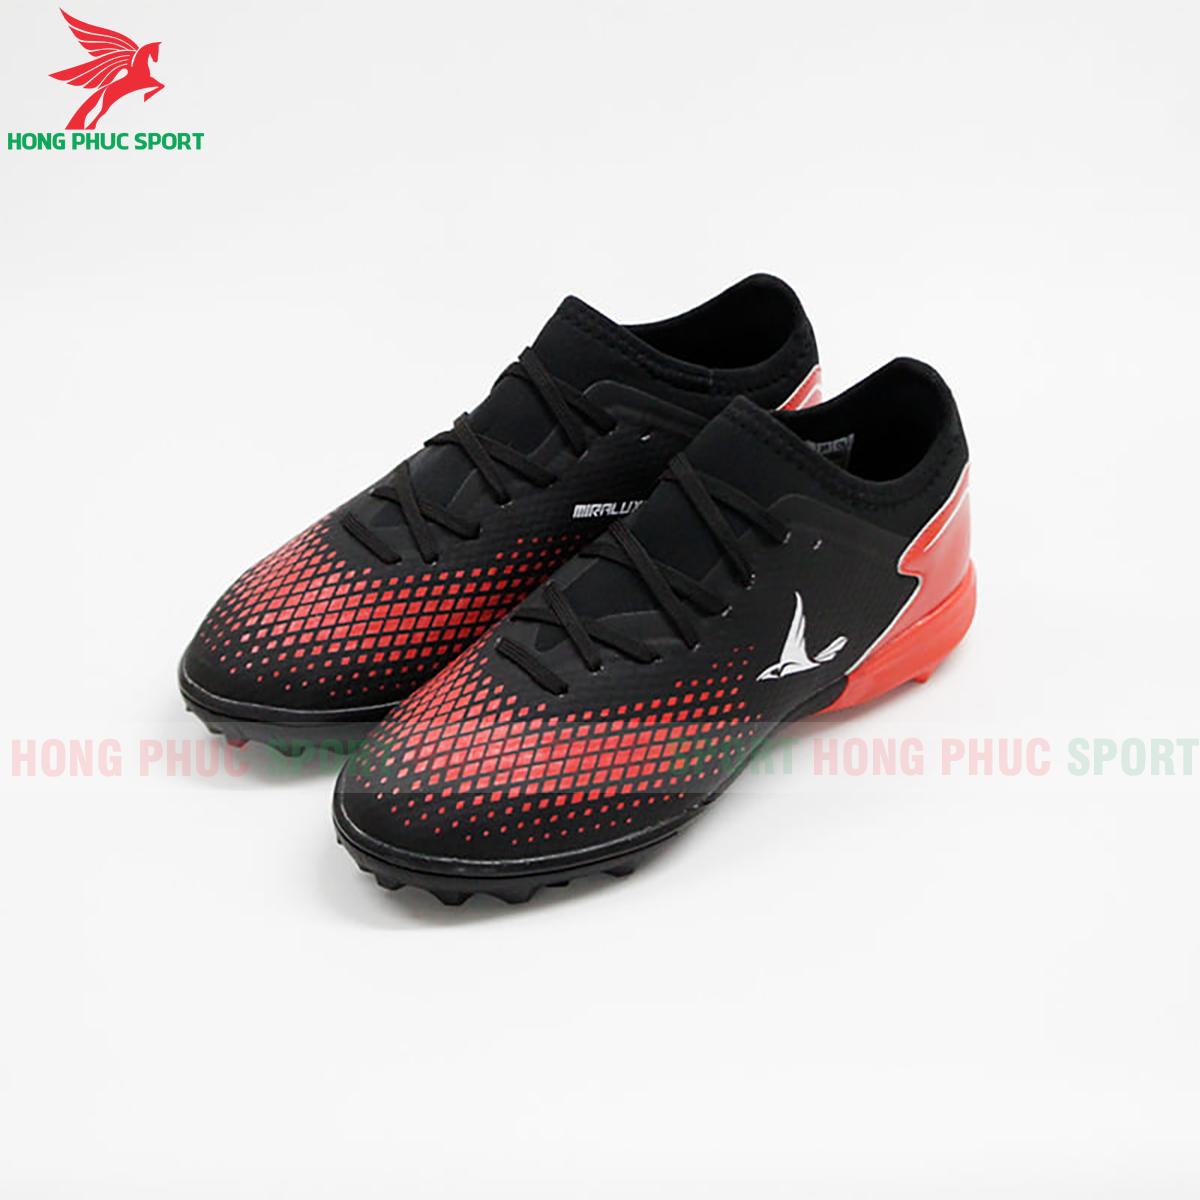 Giày Mira Lux 20.3 sân cỏ nhân tạo đen phối đỏ